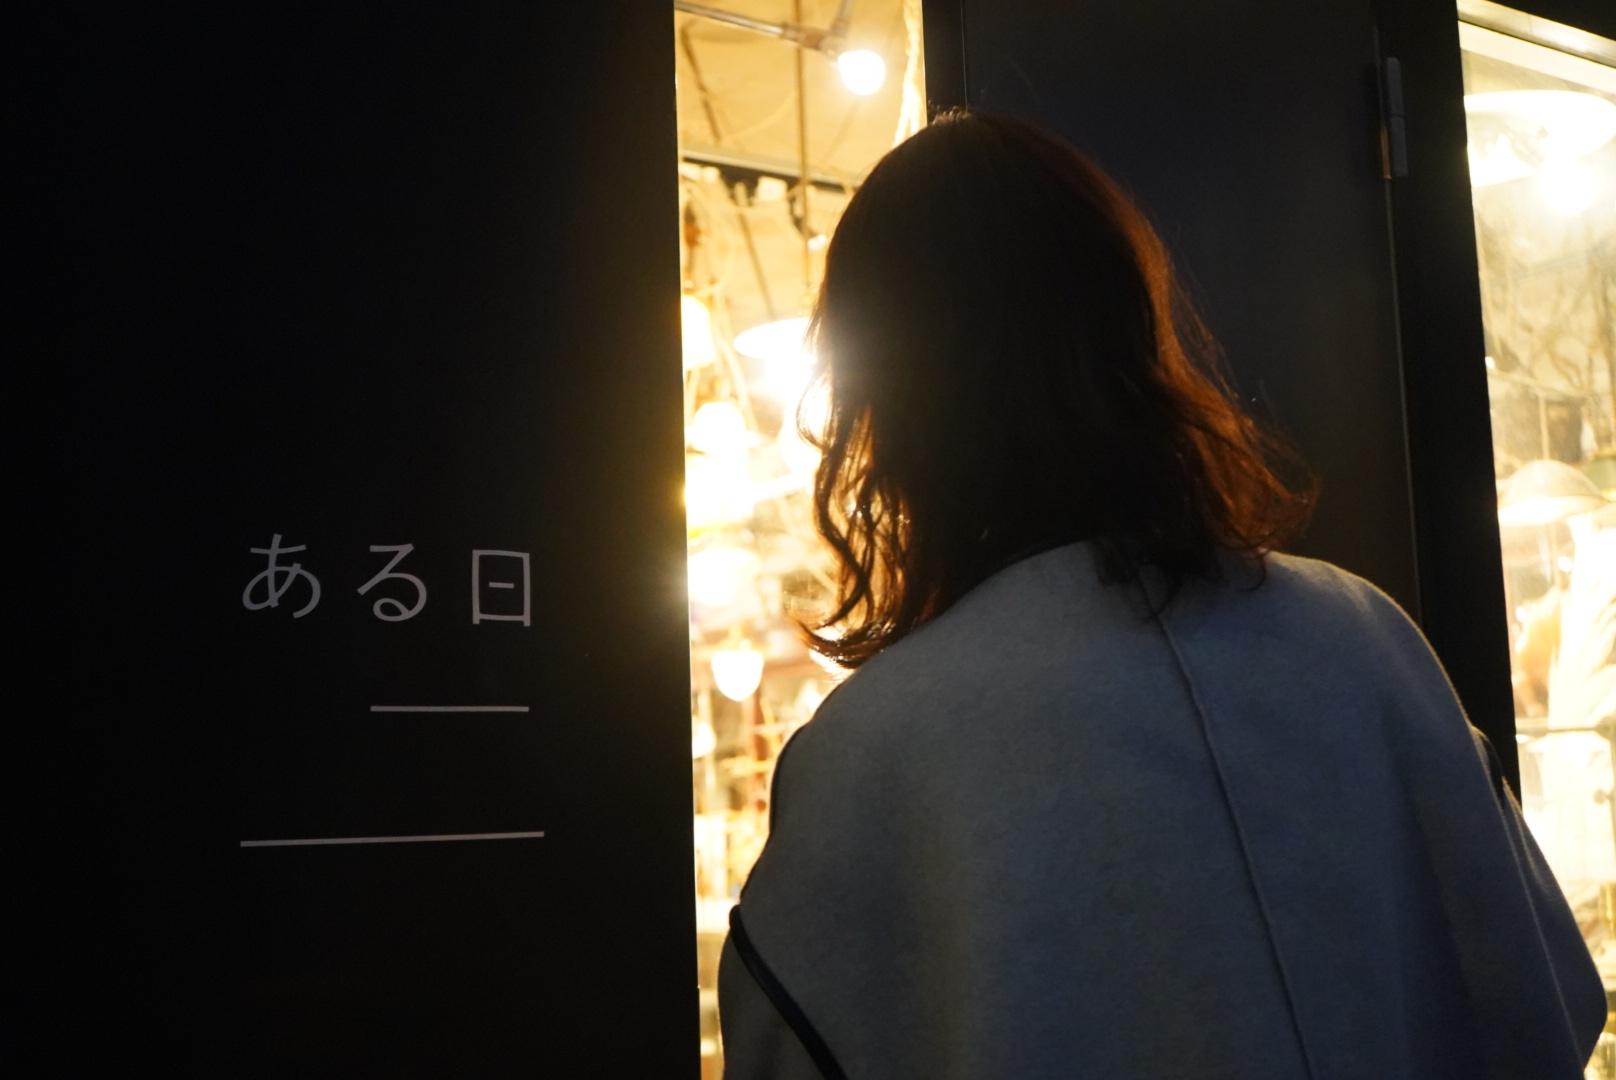 鶴舞のドライフラワーショップ「ある日」で、枯れることない自分らしさを見つけに行こう。 - DSC06129